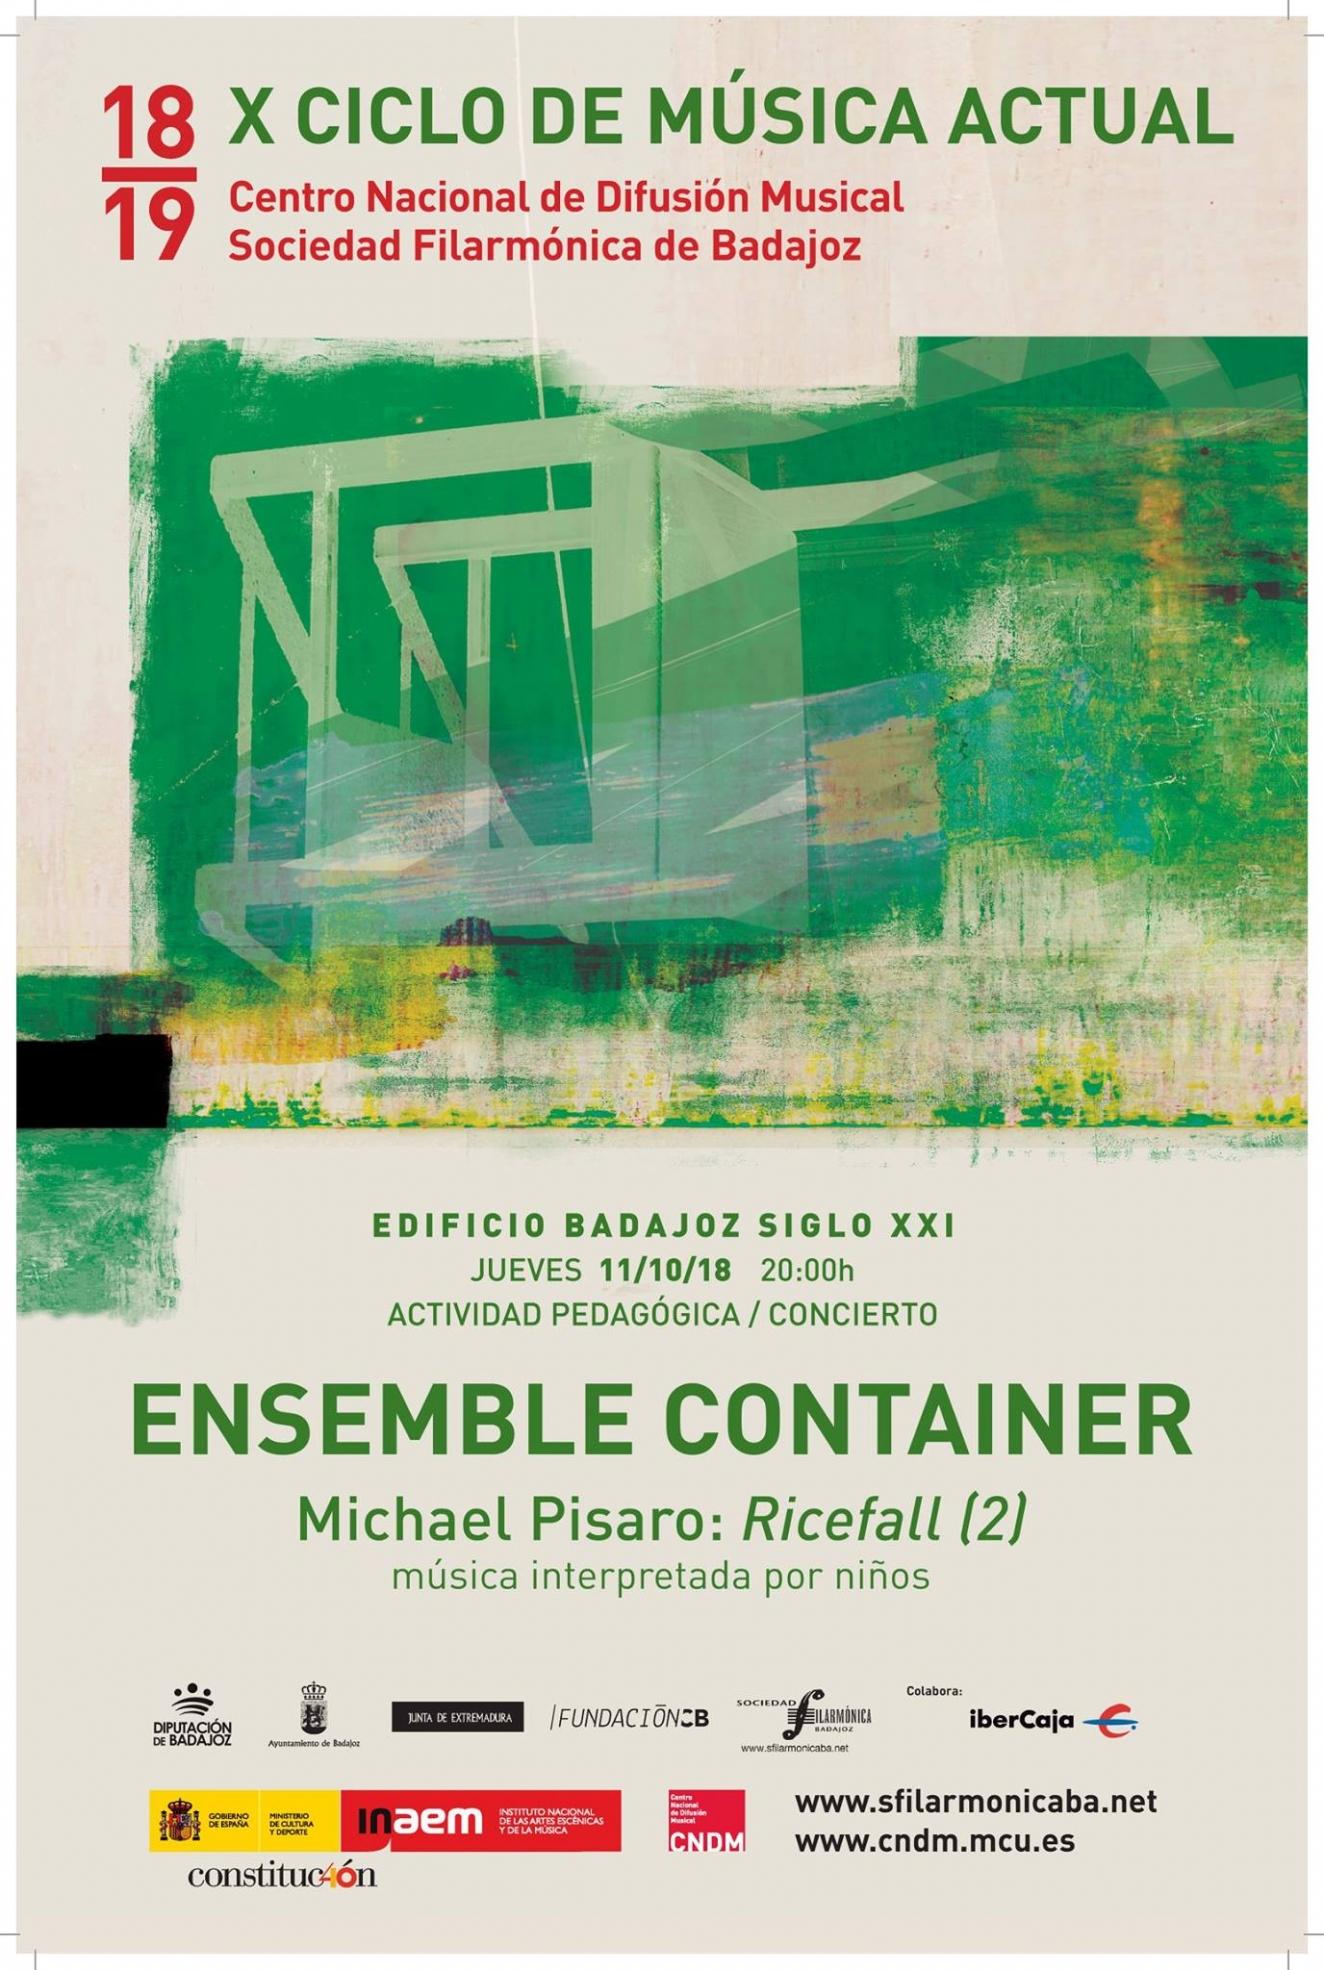 X Ciclo de Música actual    Ensamble container